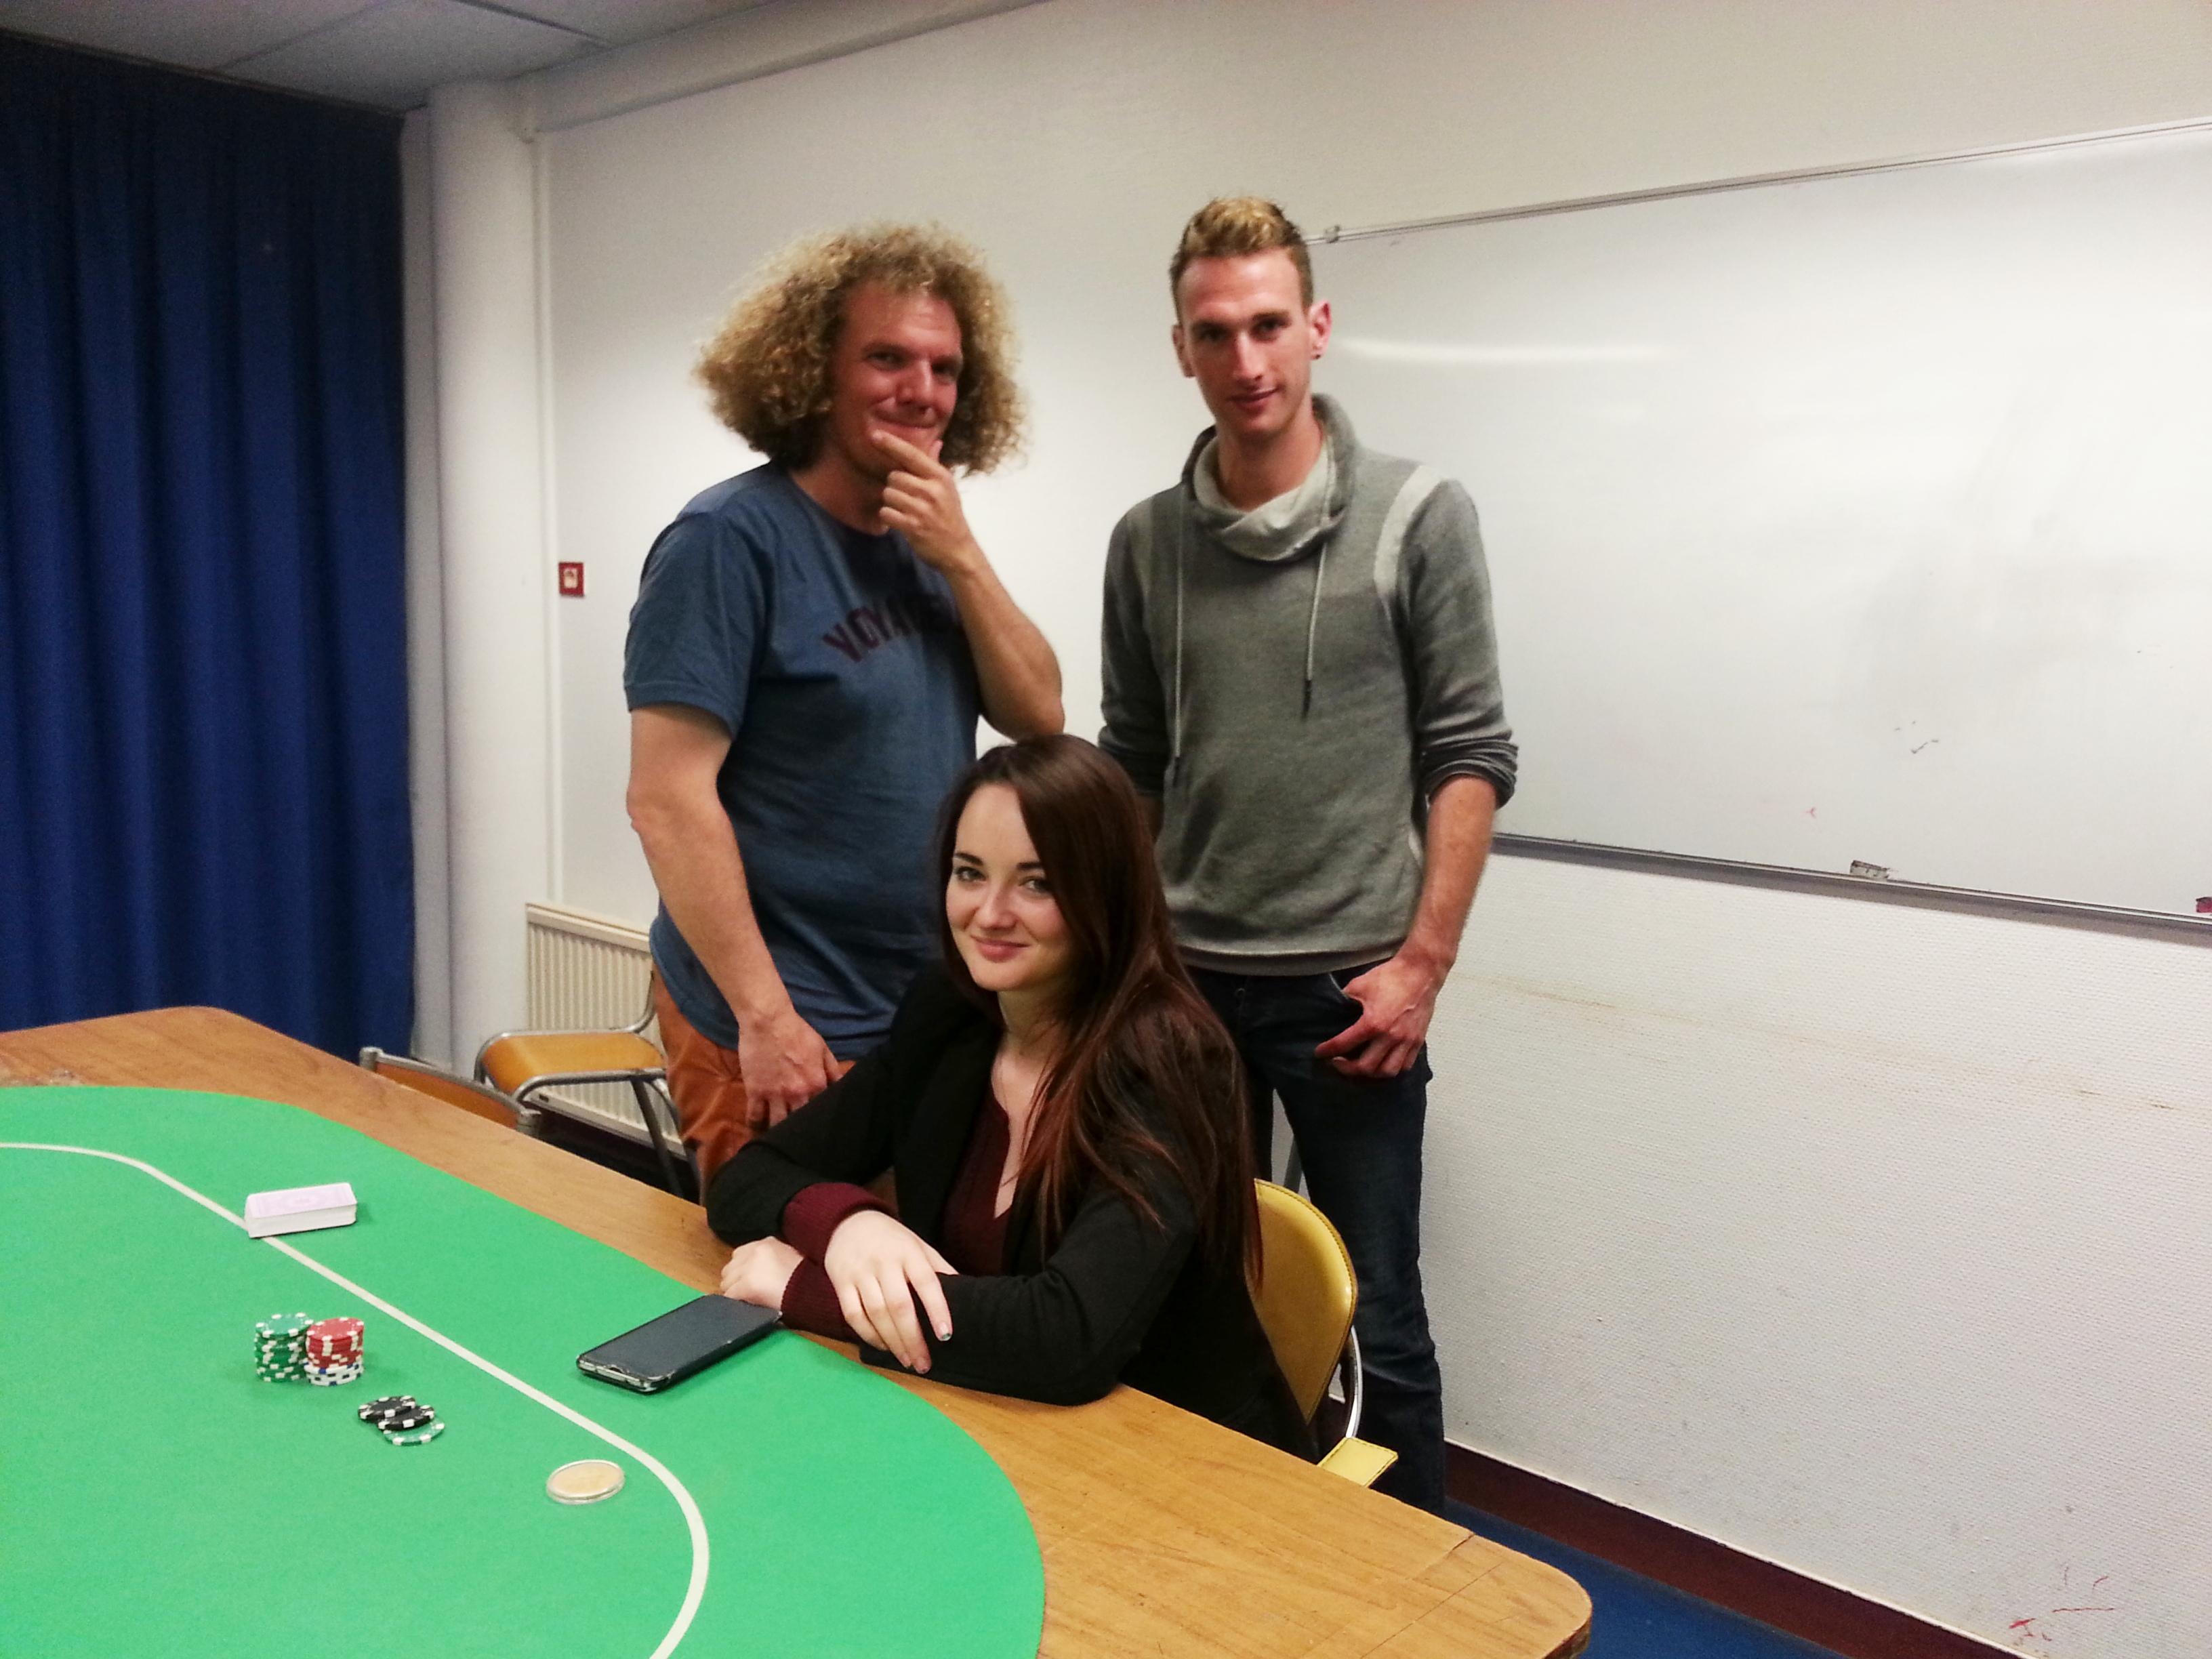 Tournoi de poker à Quimper - Morwenna le lann et Jean Christophe faller en head's up